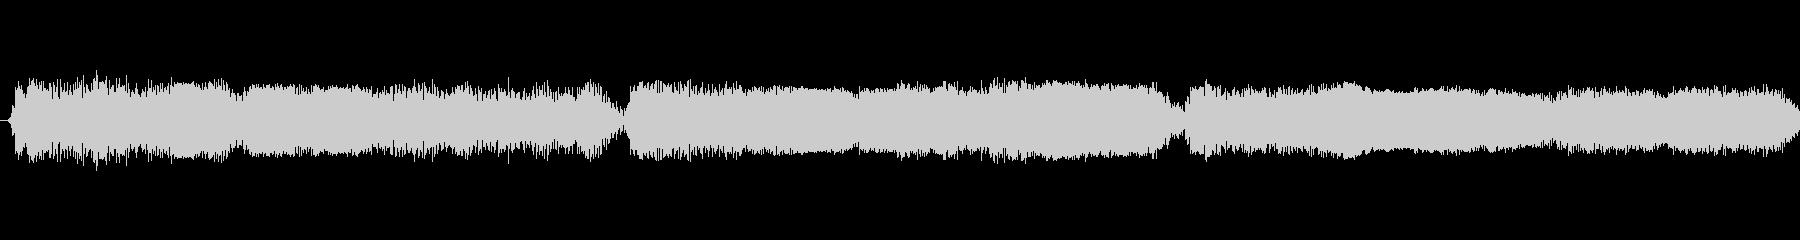 板金ボウ01-LCRの未再生の波形